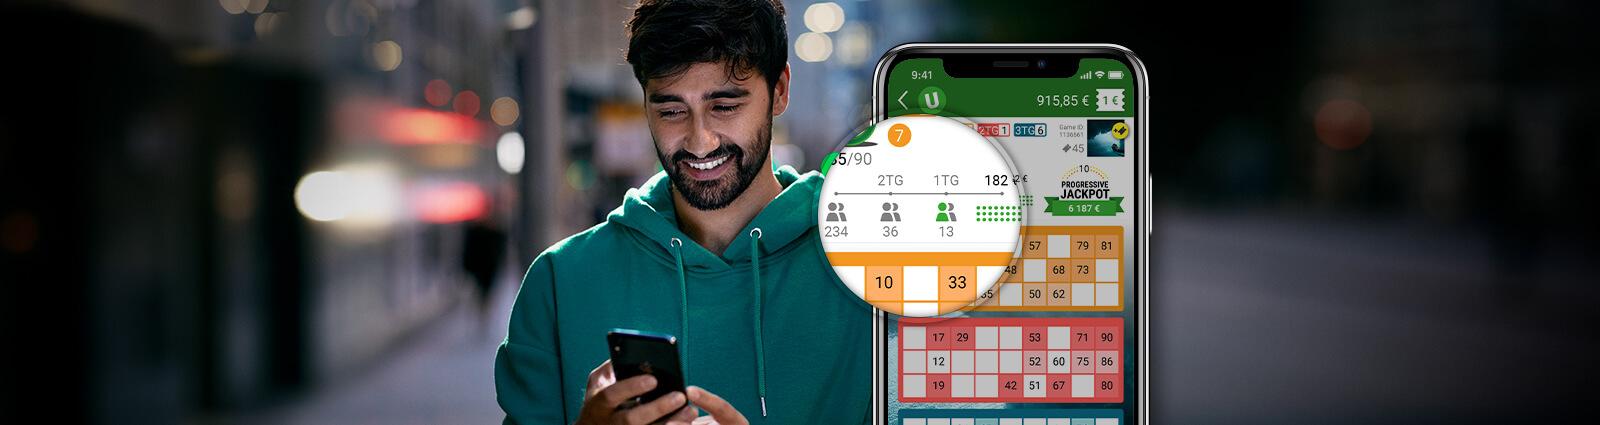 promo page bingo client relaunch 1 unibet 2019